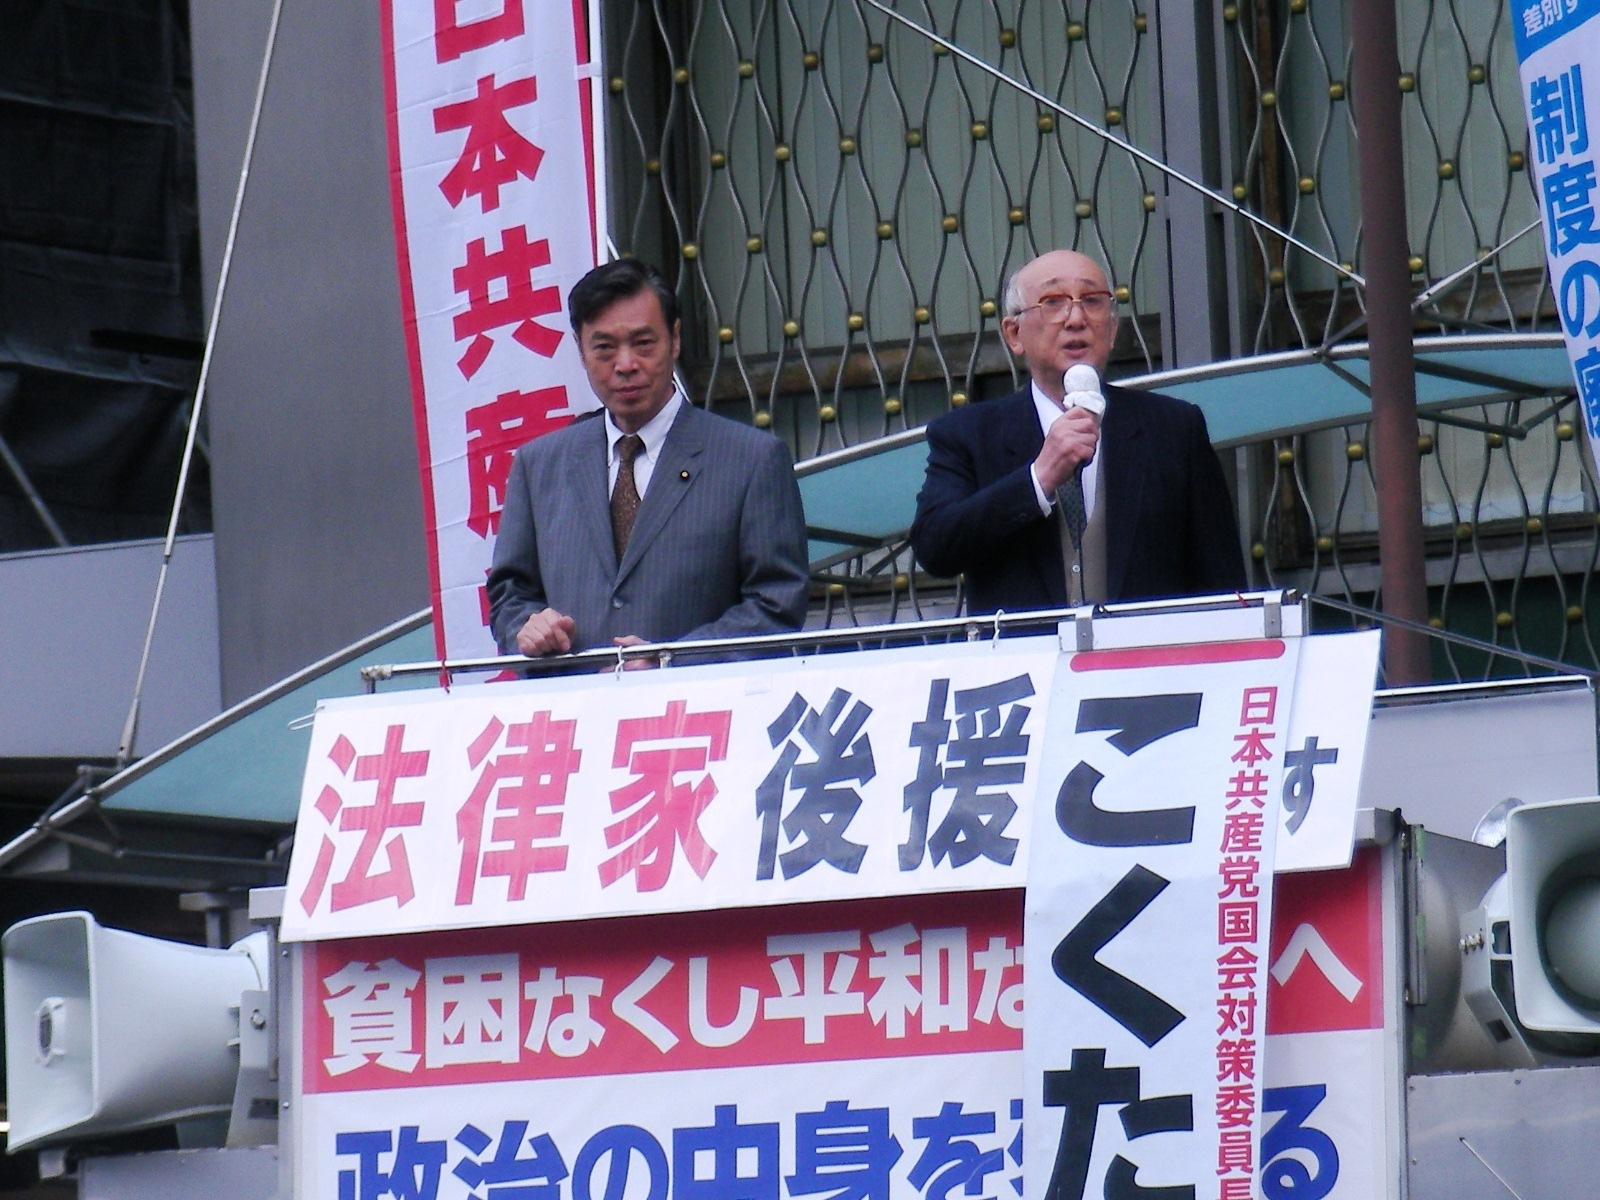 京都法律家後援会と演説